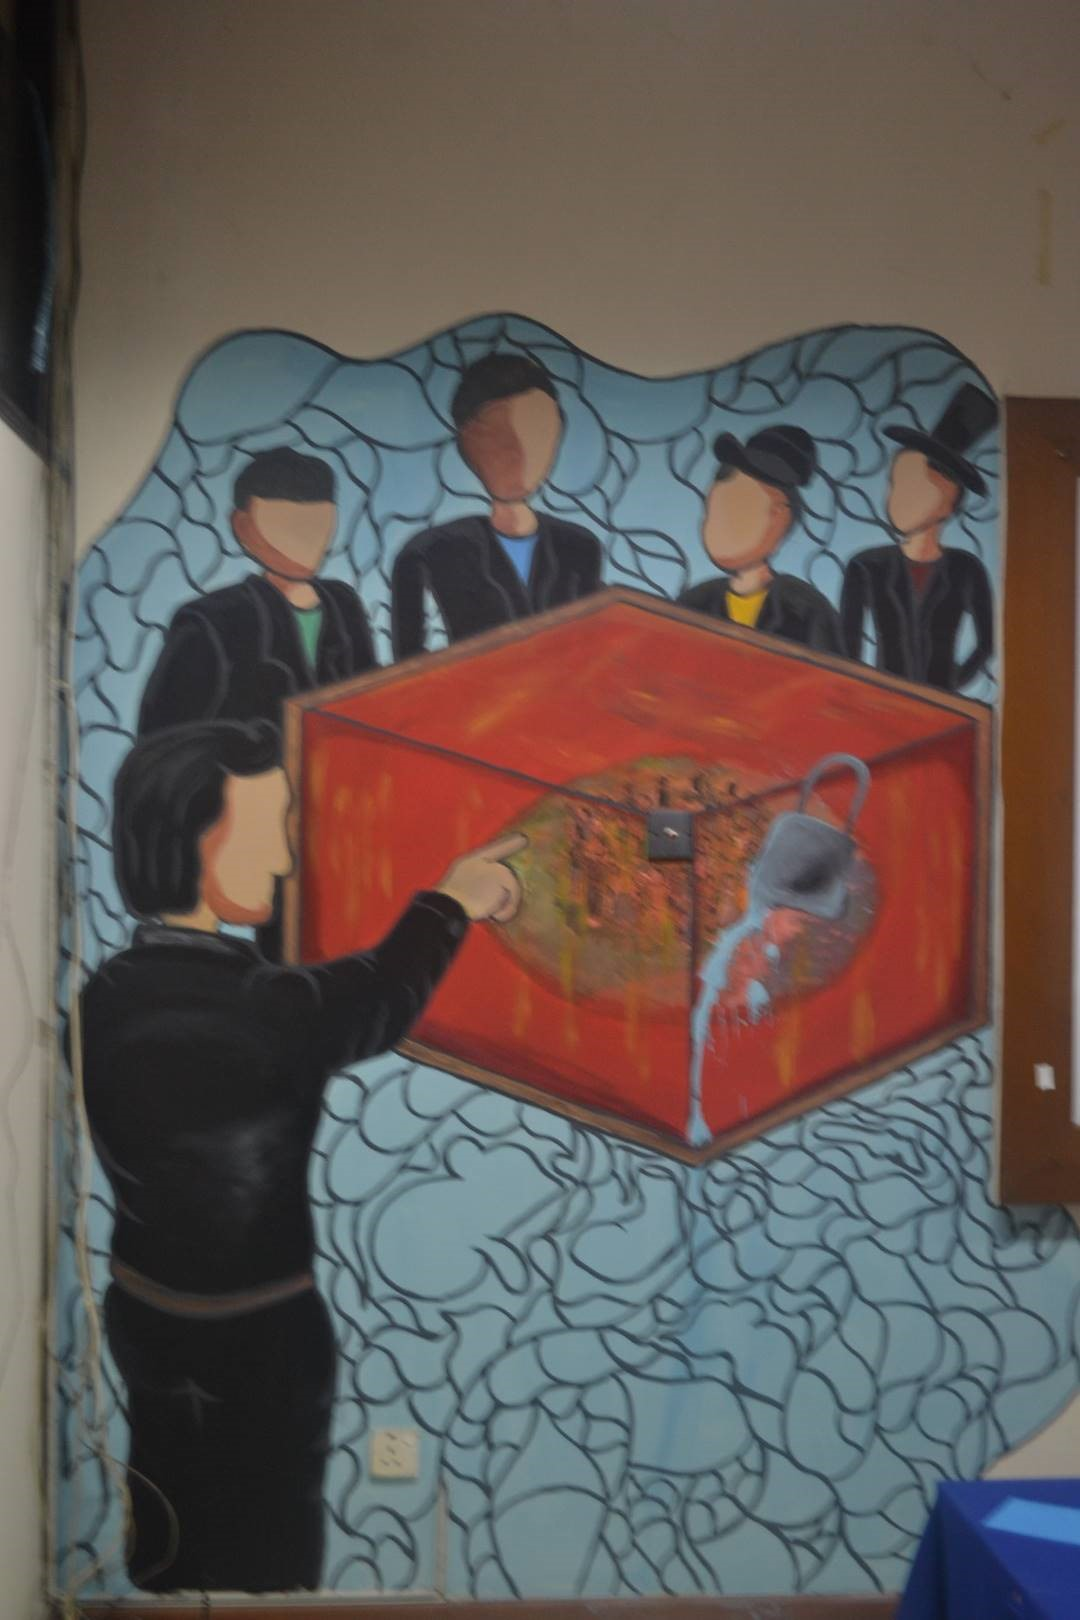 Dalam mural ini terkandung  pesan bahwa kepentingan segelintir orang akan mengorbankan nasib orang banyak.